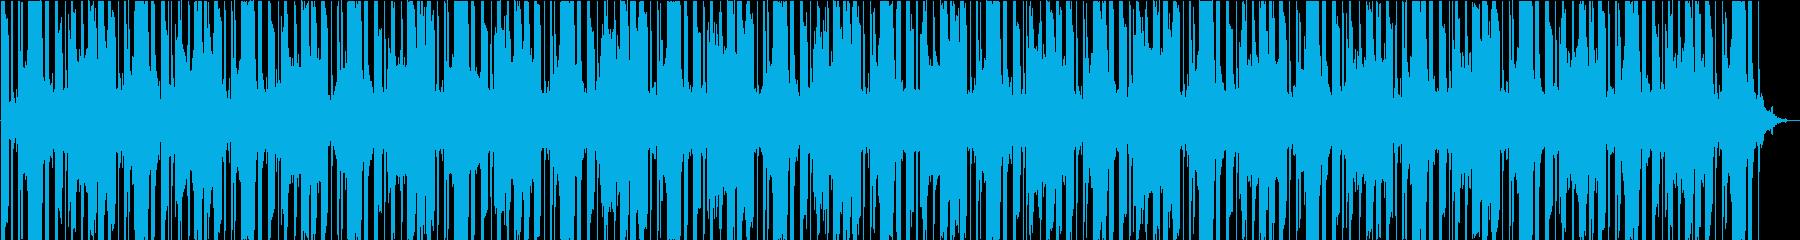 シーケンス 電子ビートダーク02の再生済みの波形